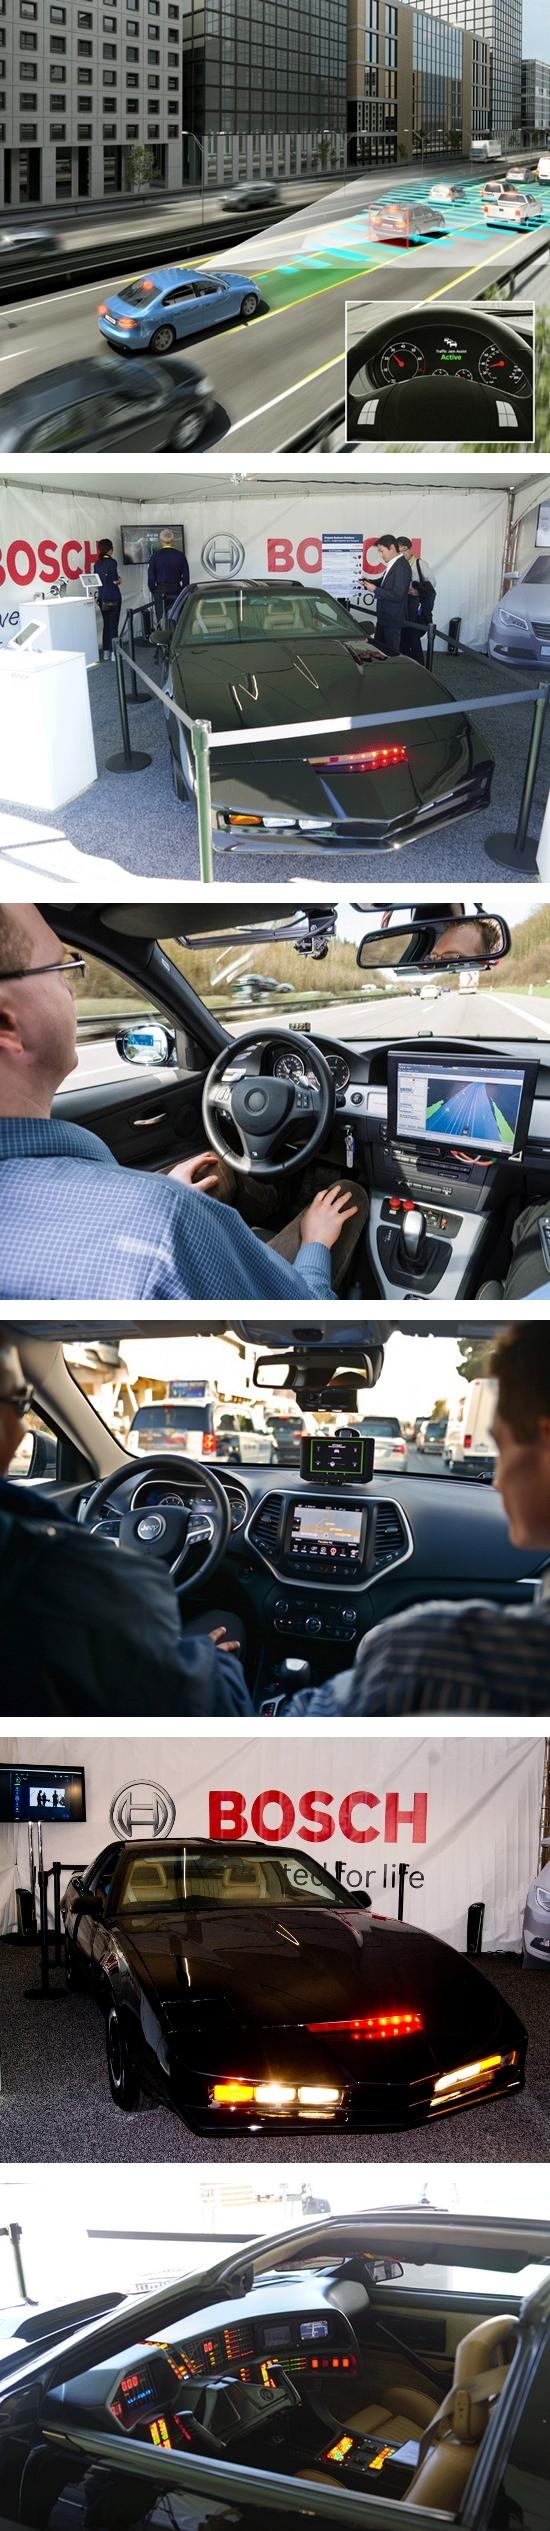 Автомобиль с автопилотом от Bosch